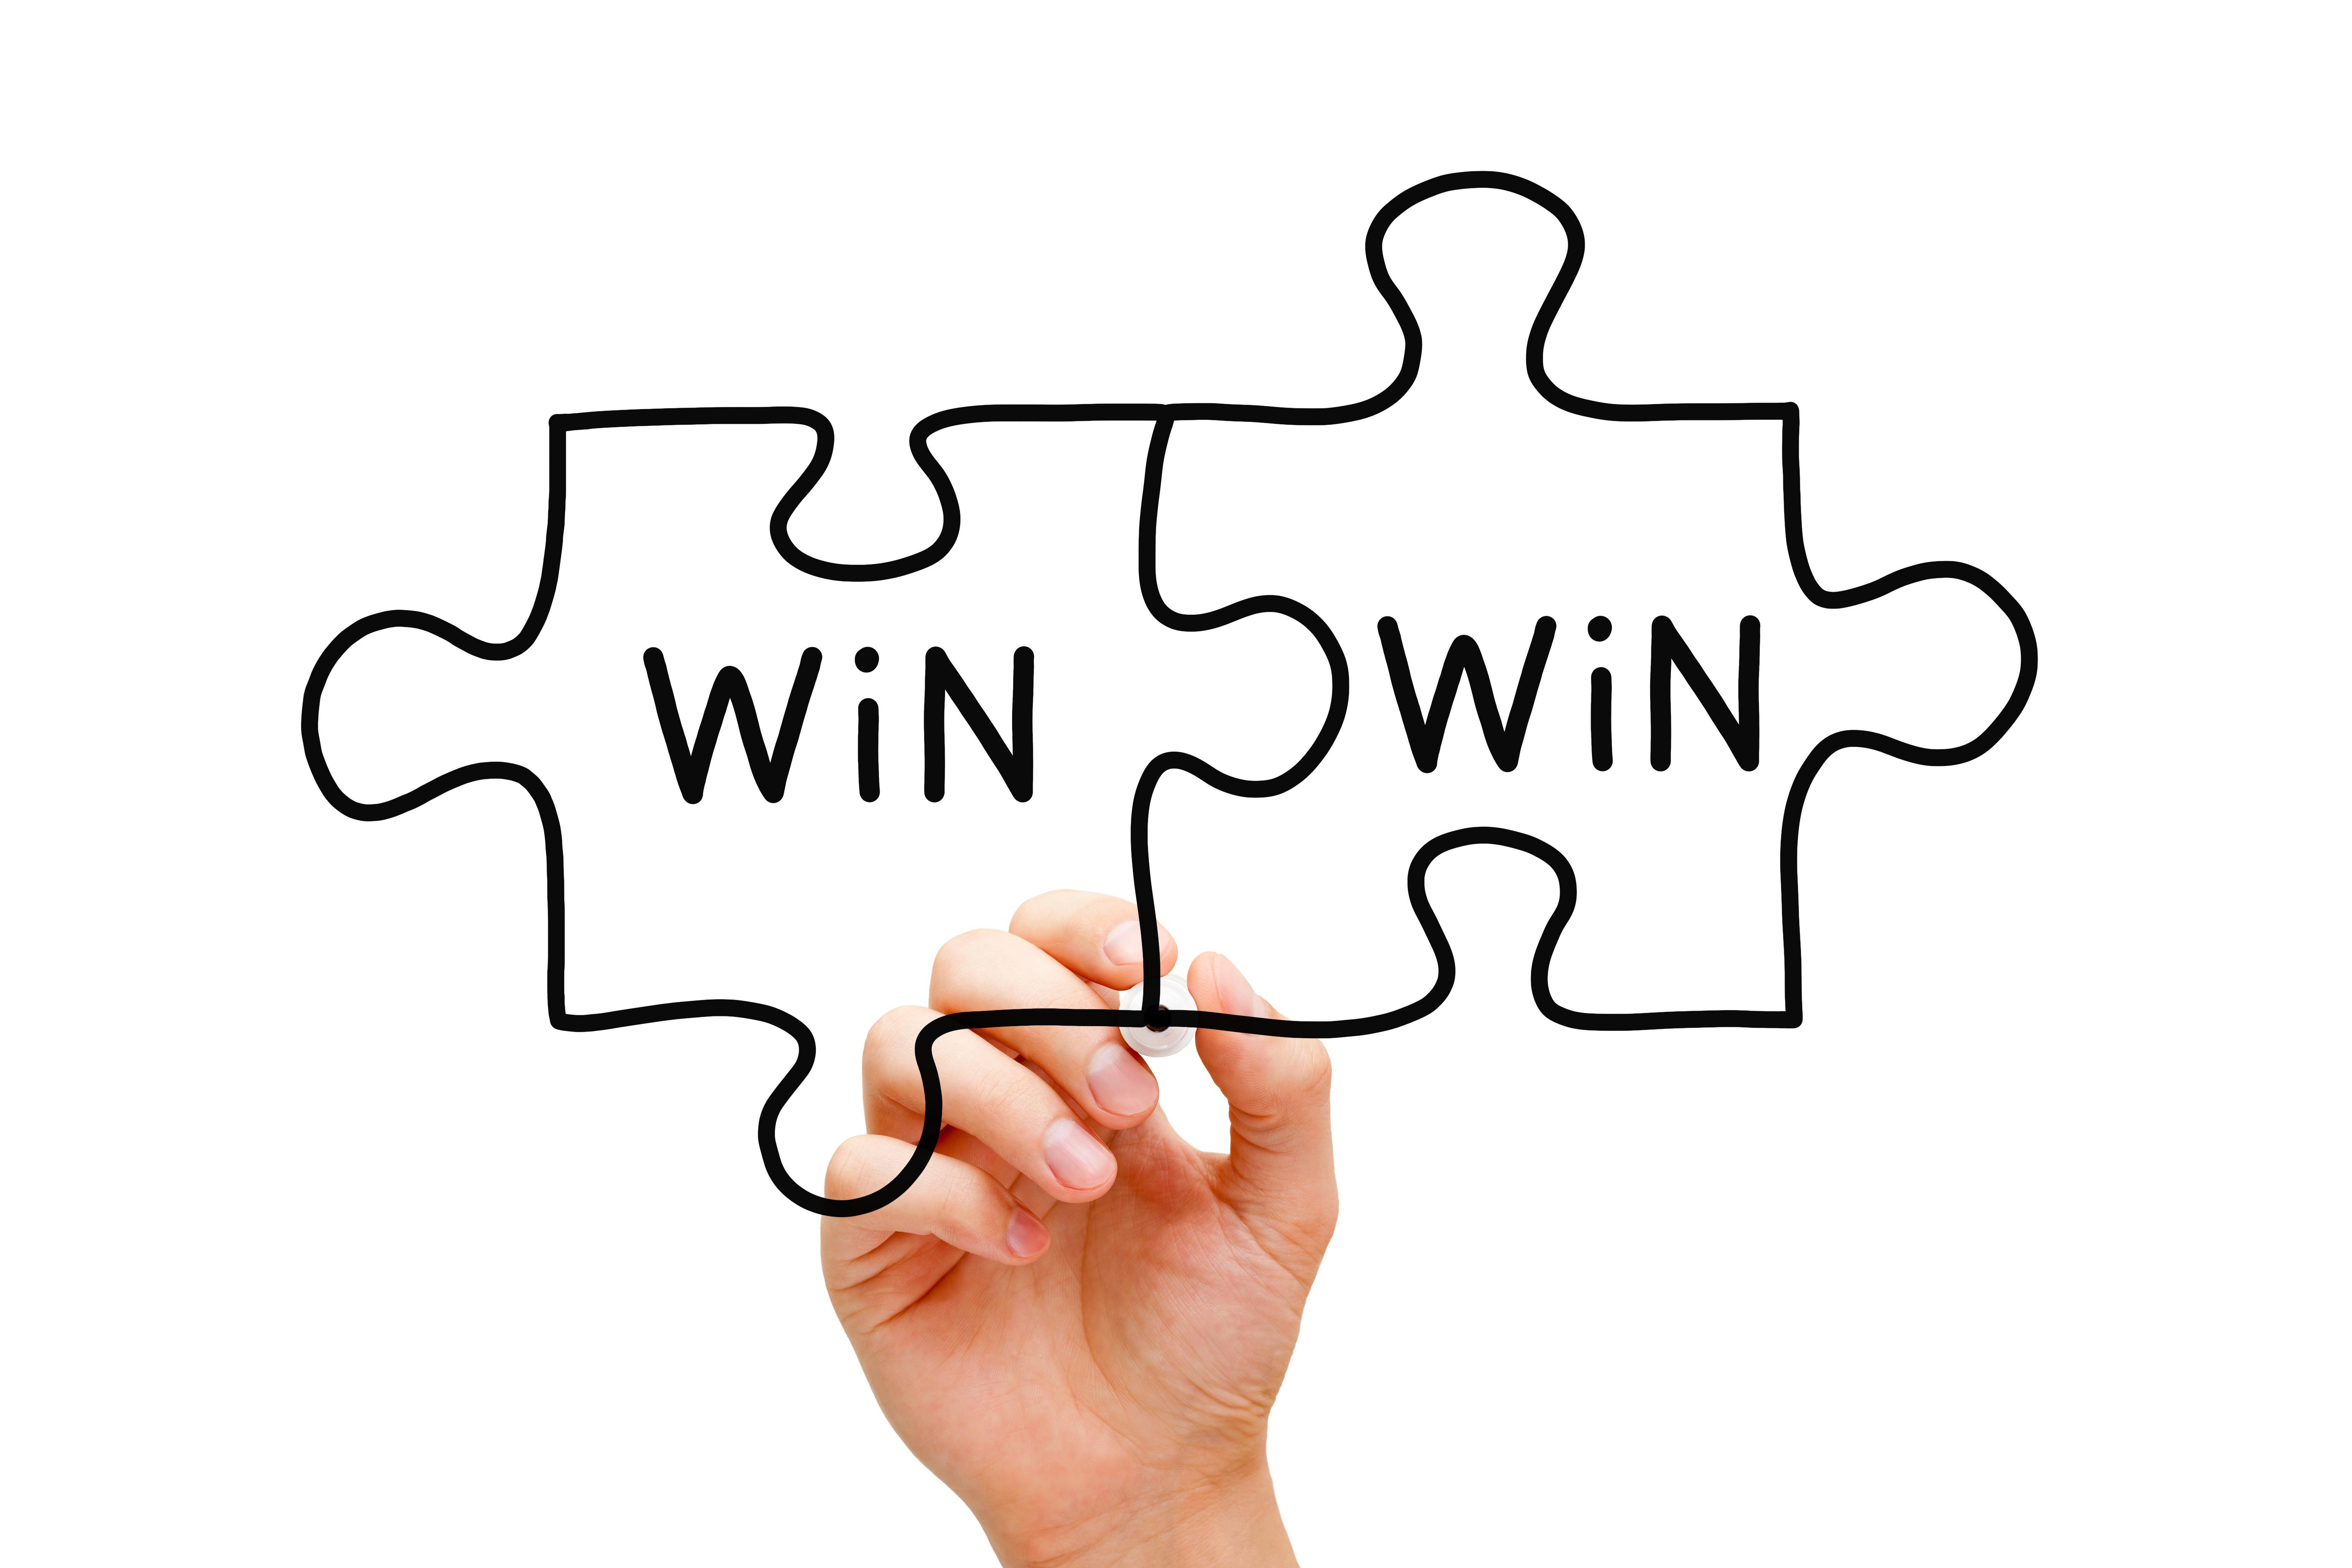 ビジネスで成功する2つの鉄則とは?